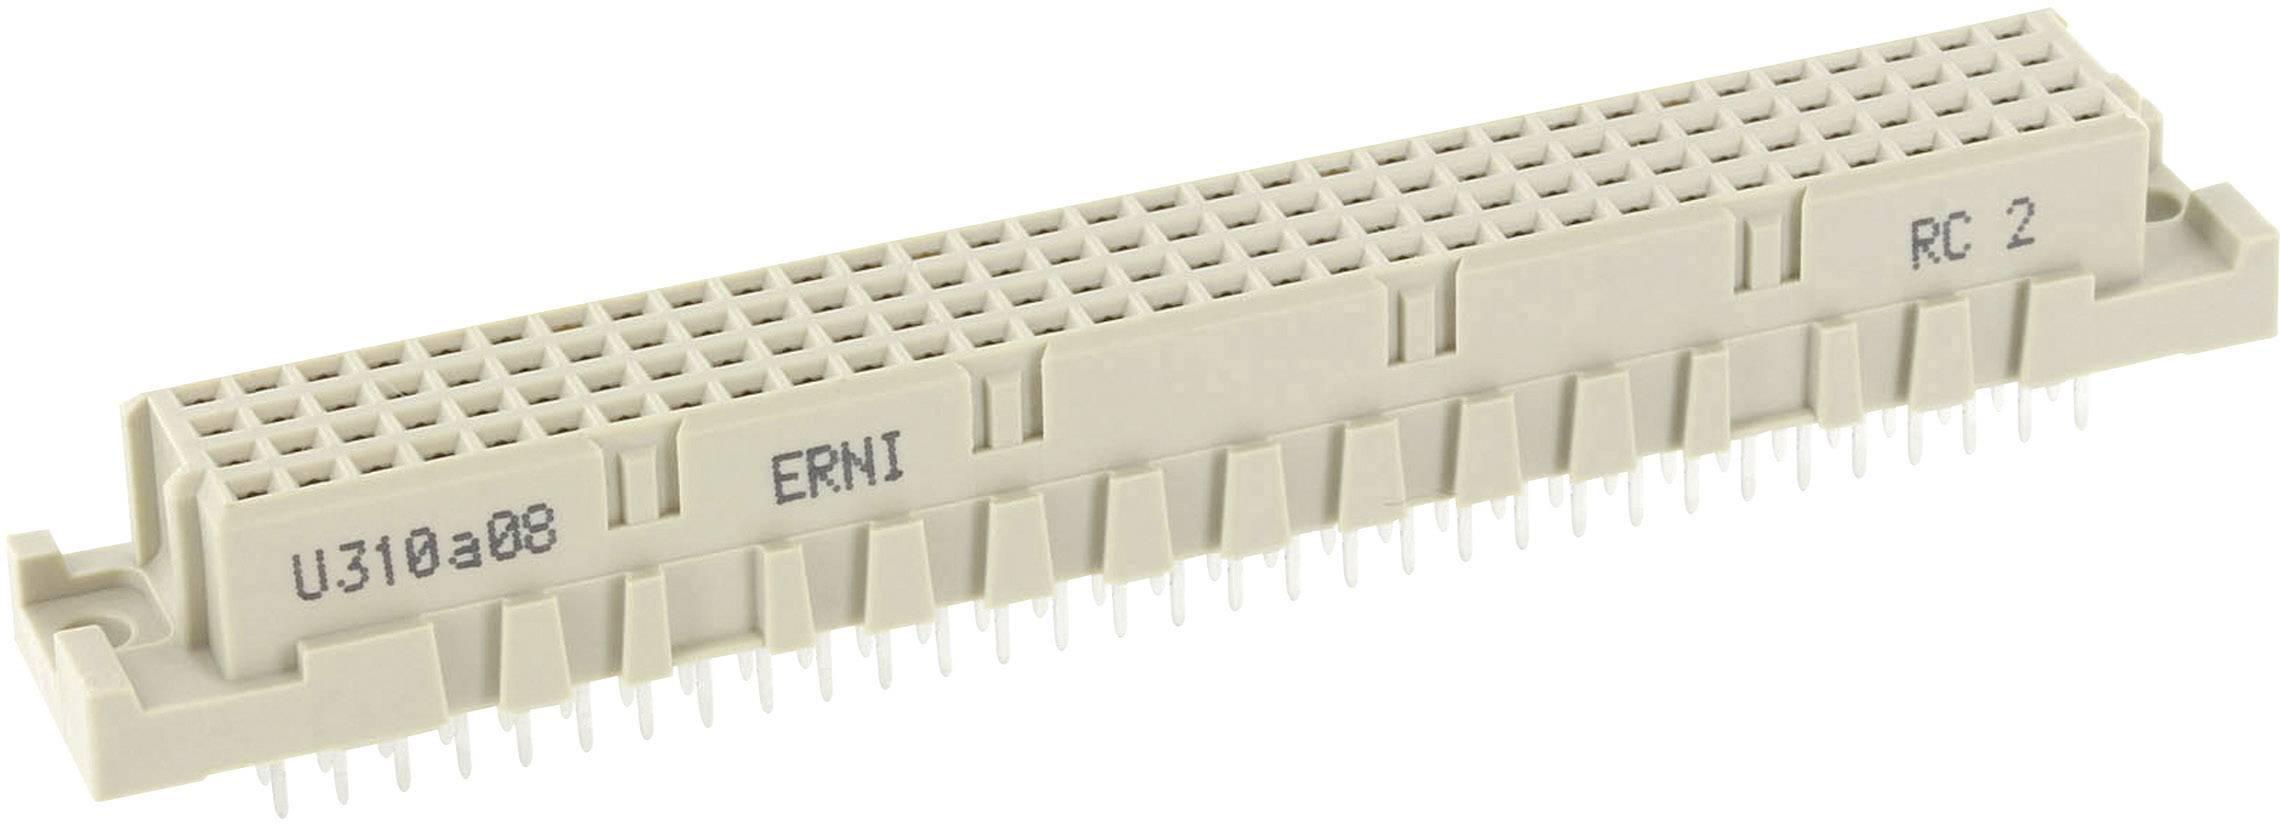 Kolíková lišta ERNI 254977, počet kontaktů 128, řádků 4, 1 ks